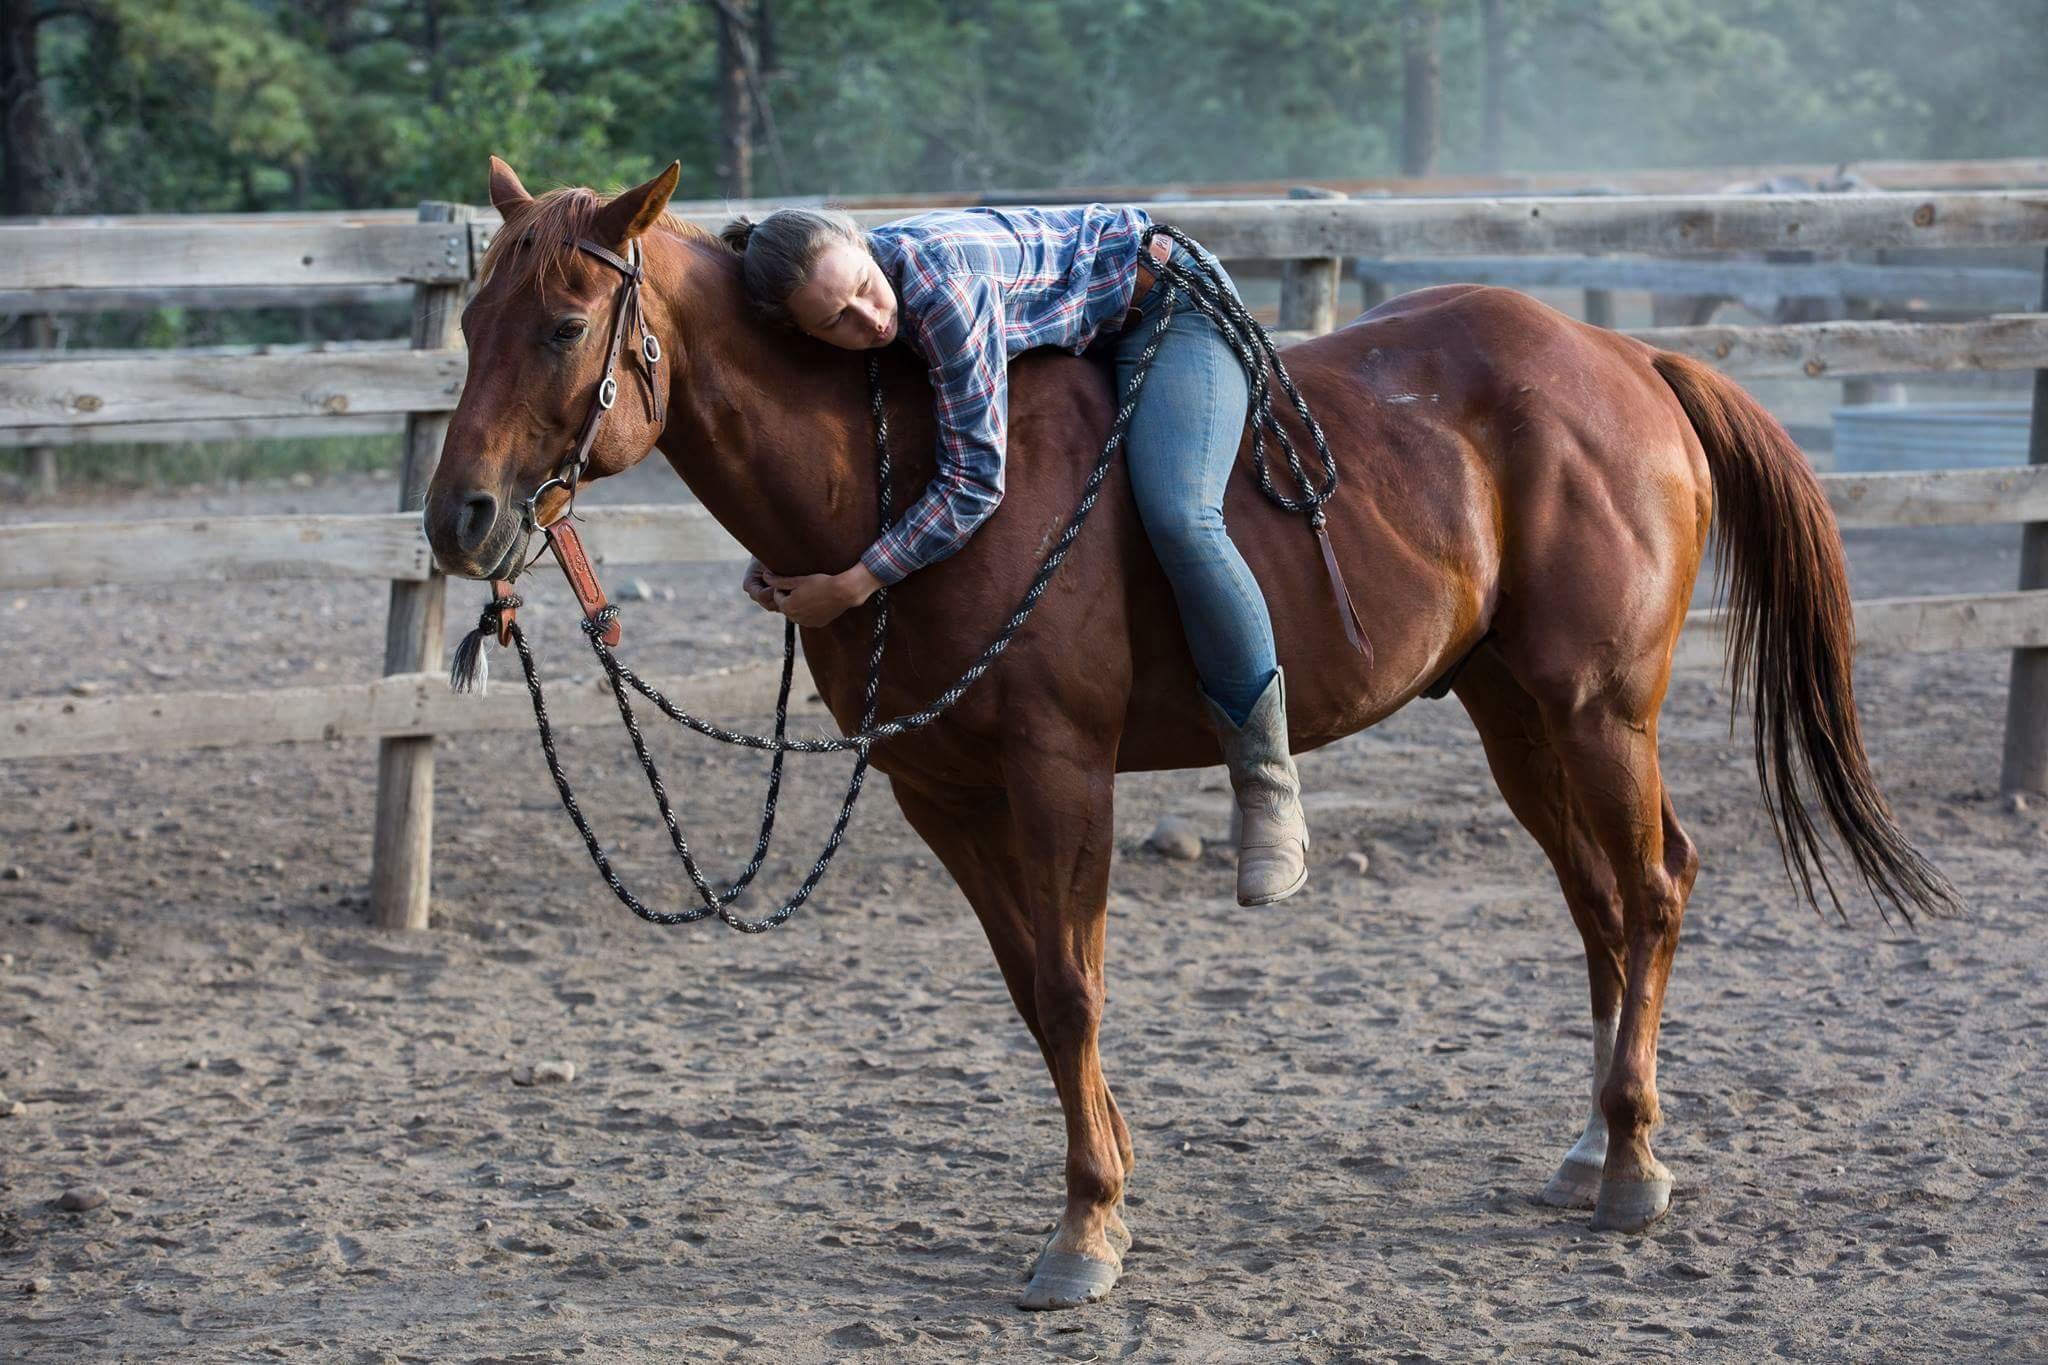 Eglė Filmonto skautų rančoje (Philmont Scout Ranch) Naujosios Meksikos valstijoje su žirgu Jimmy.